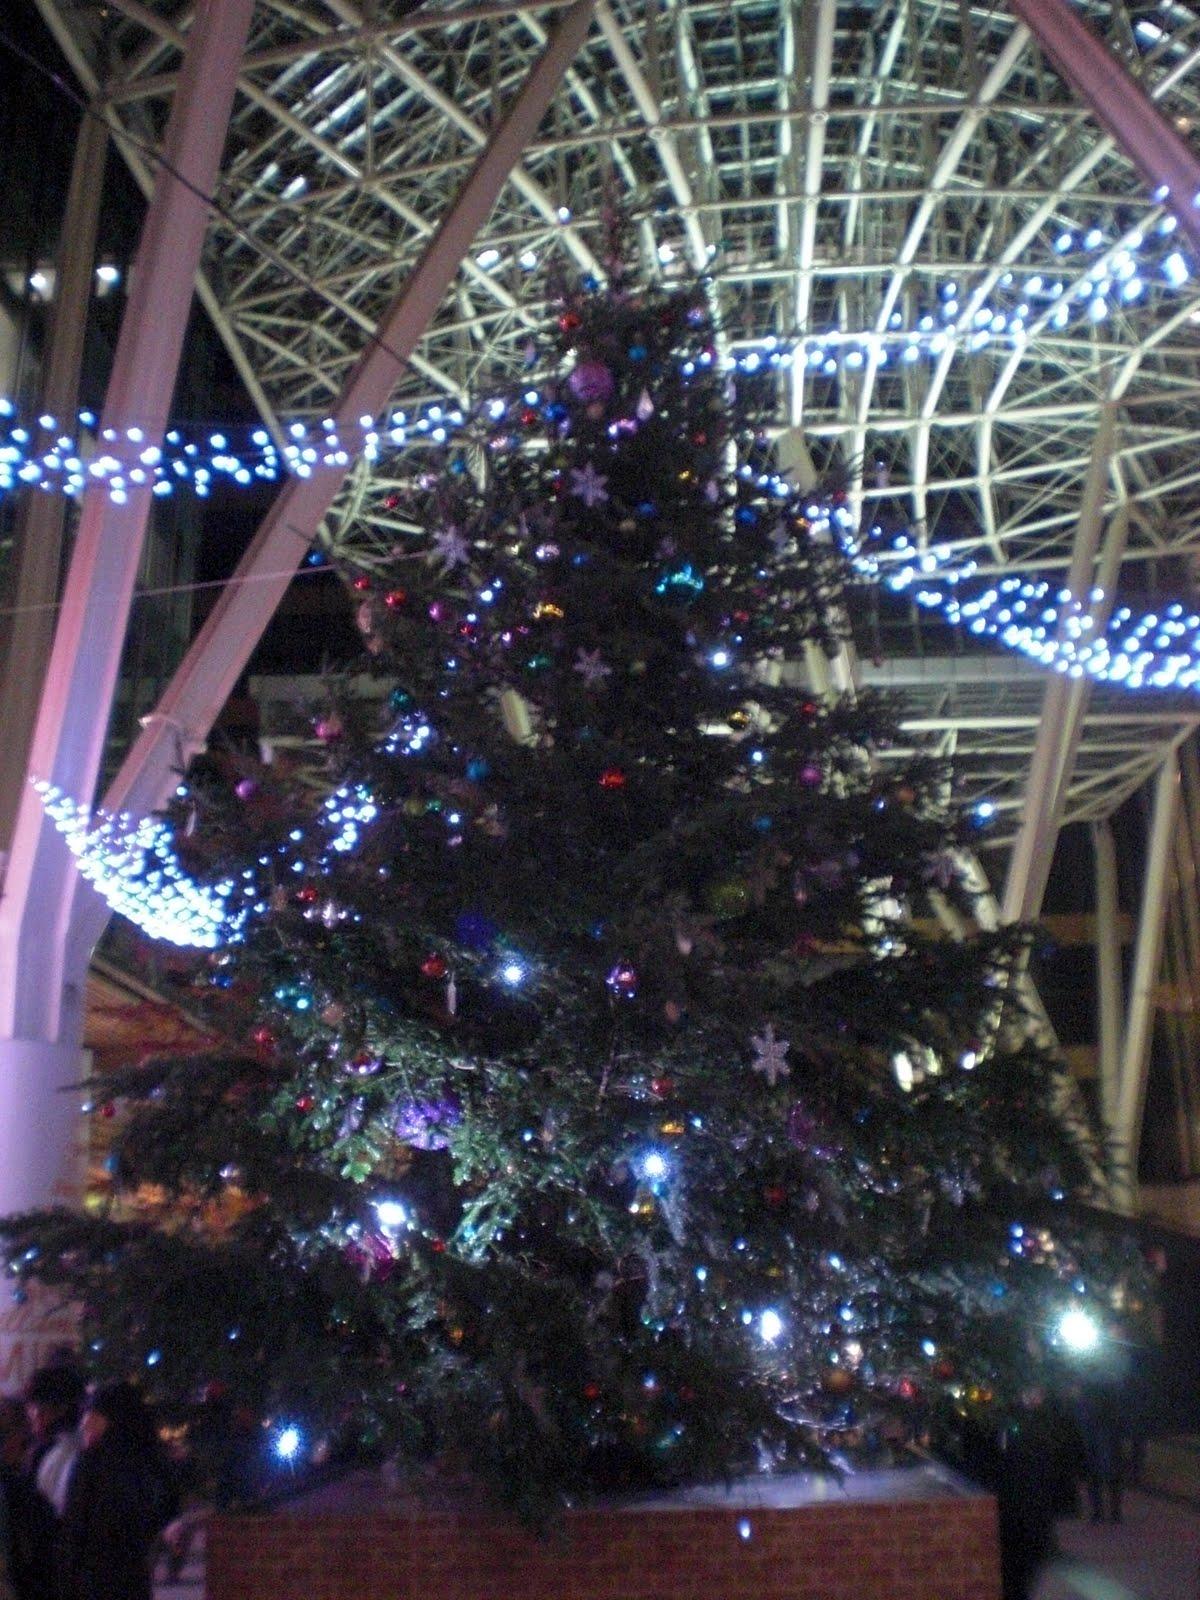 #406E8B Chevreuil Levant: Noël Au Japon Ou Comment Se Faire Un  5327 decorations de noel au japon 1200x1600 px @ aertt.com